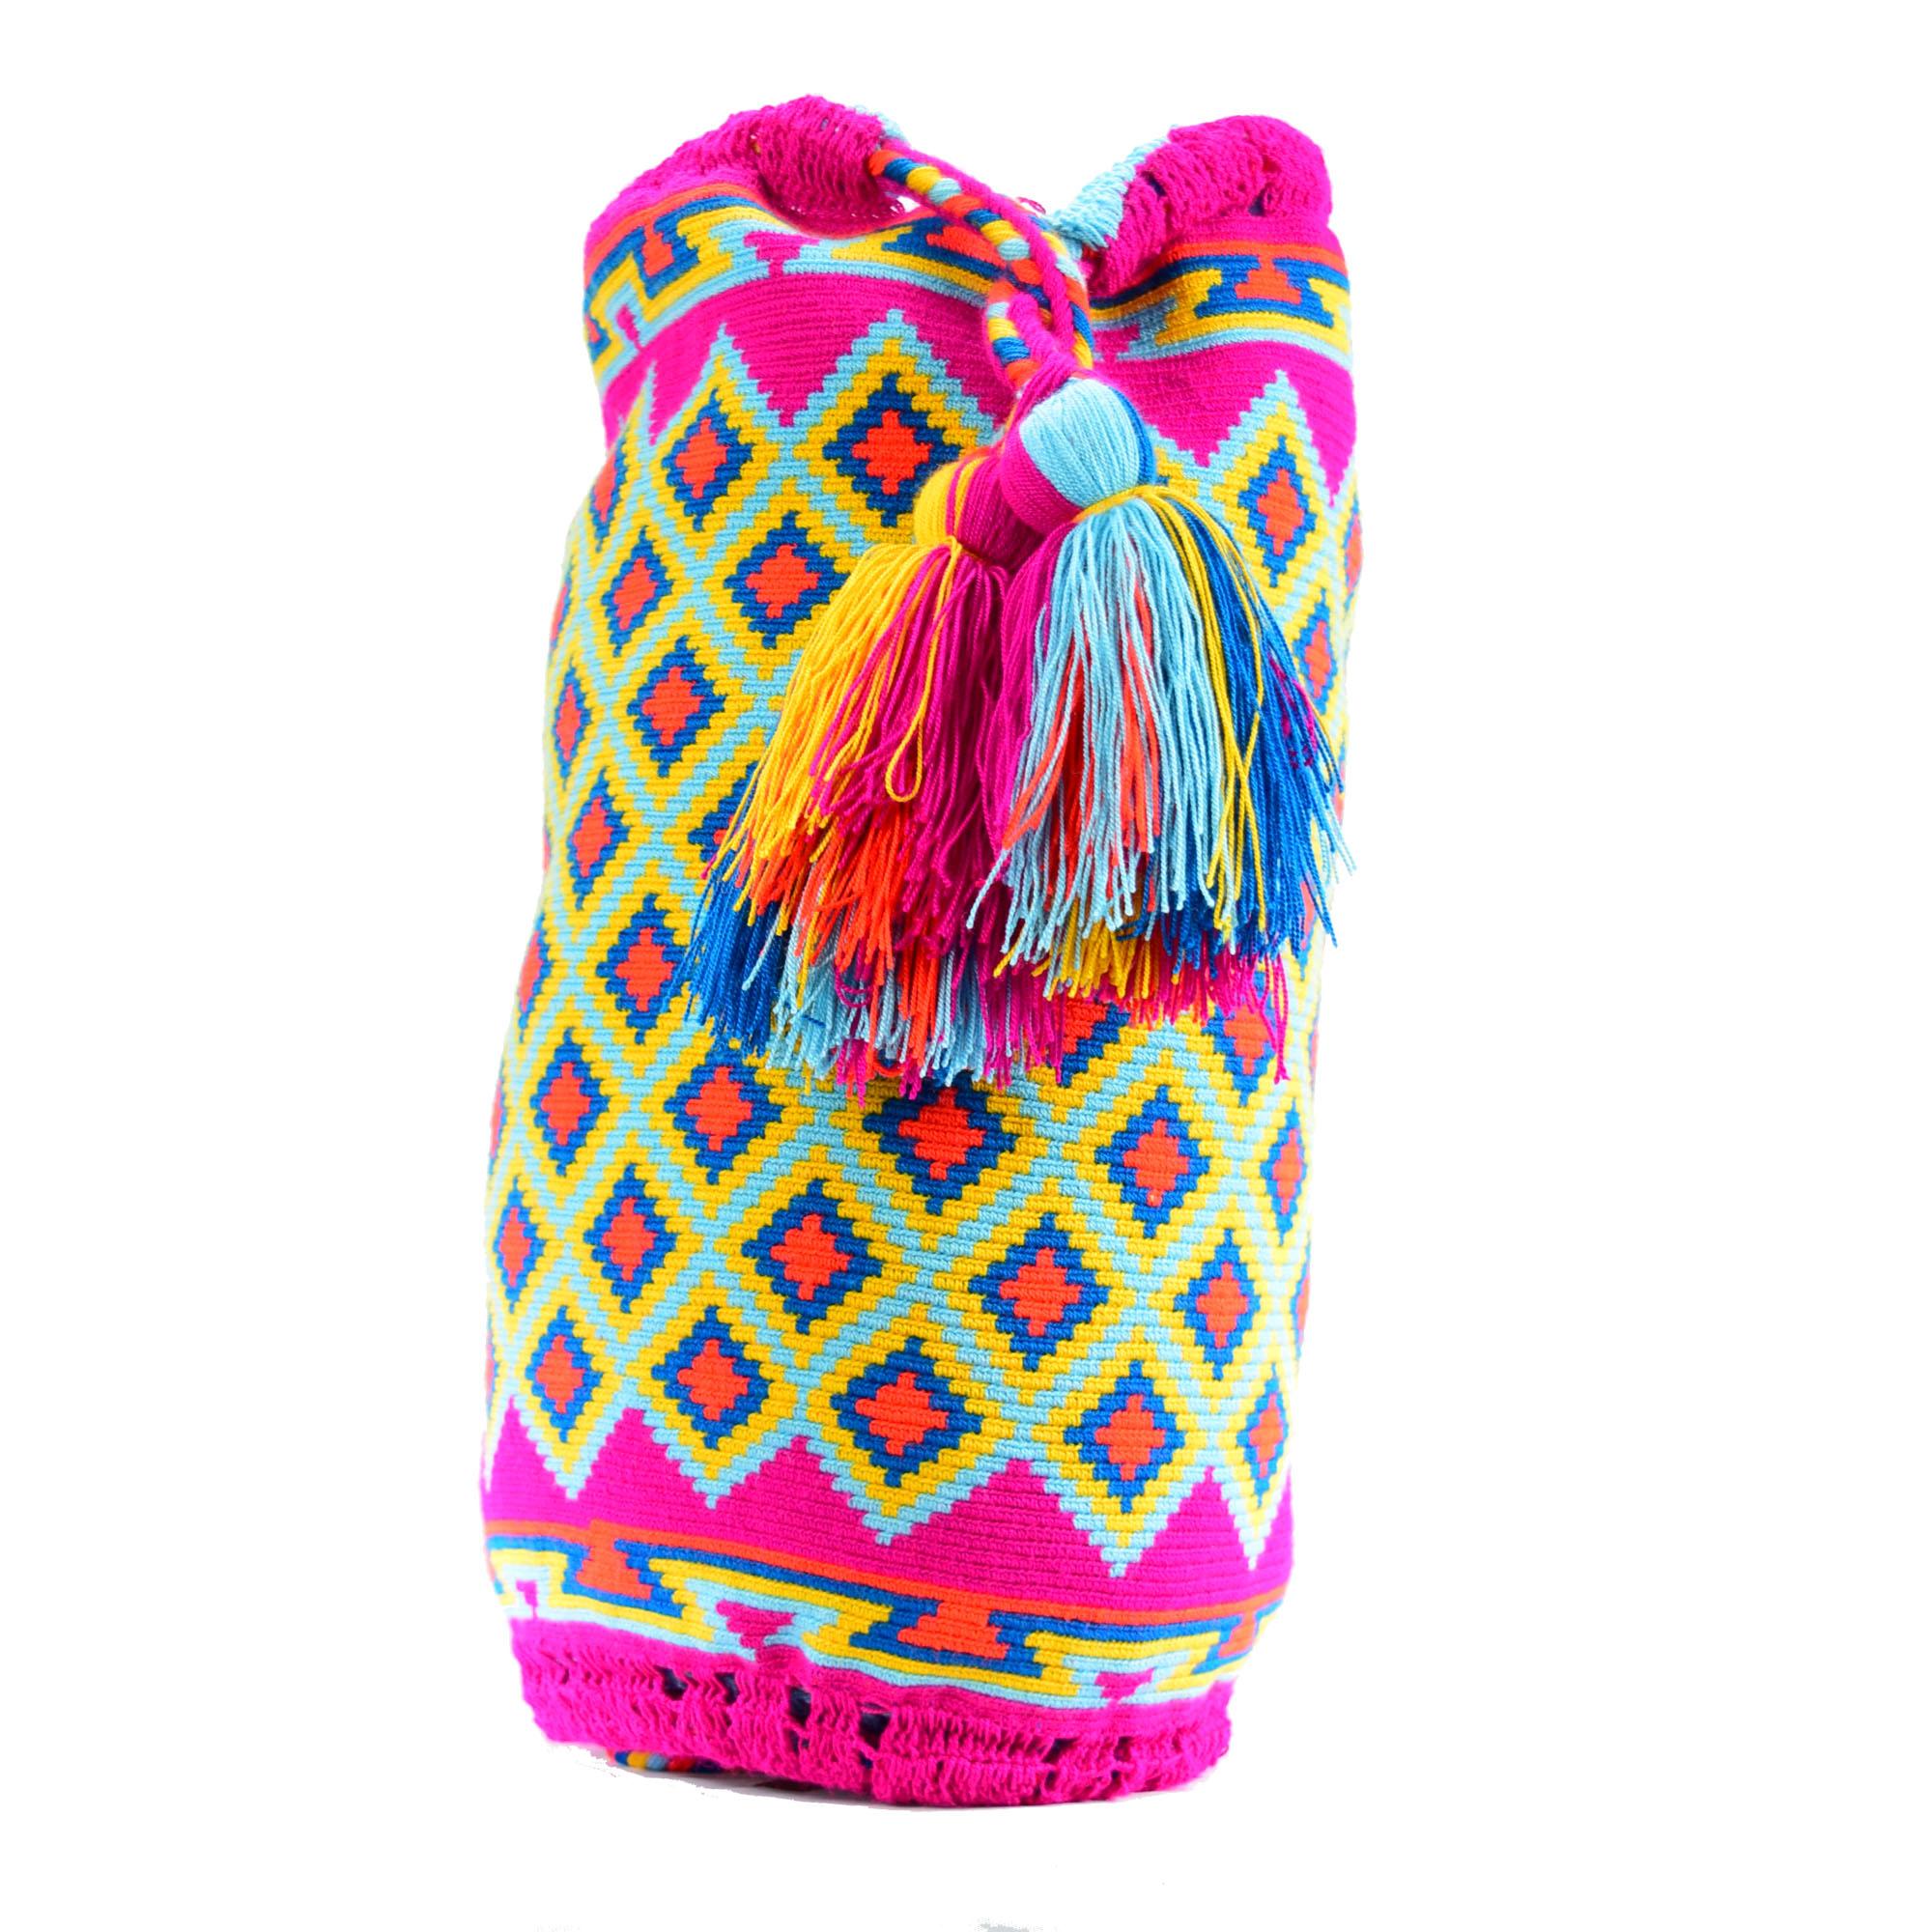 Wayuu Drawstring- Single Thread